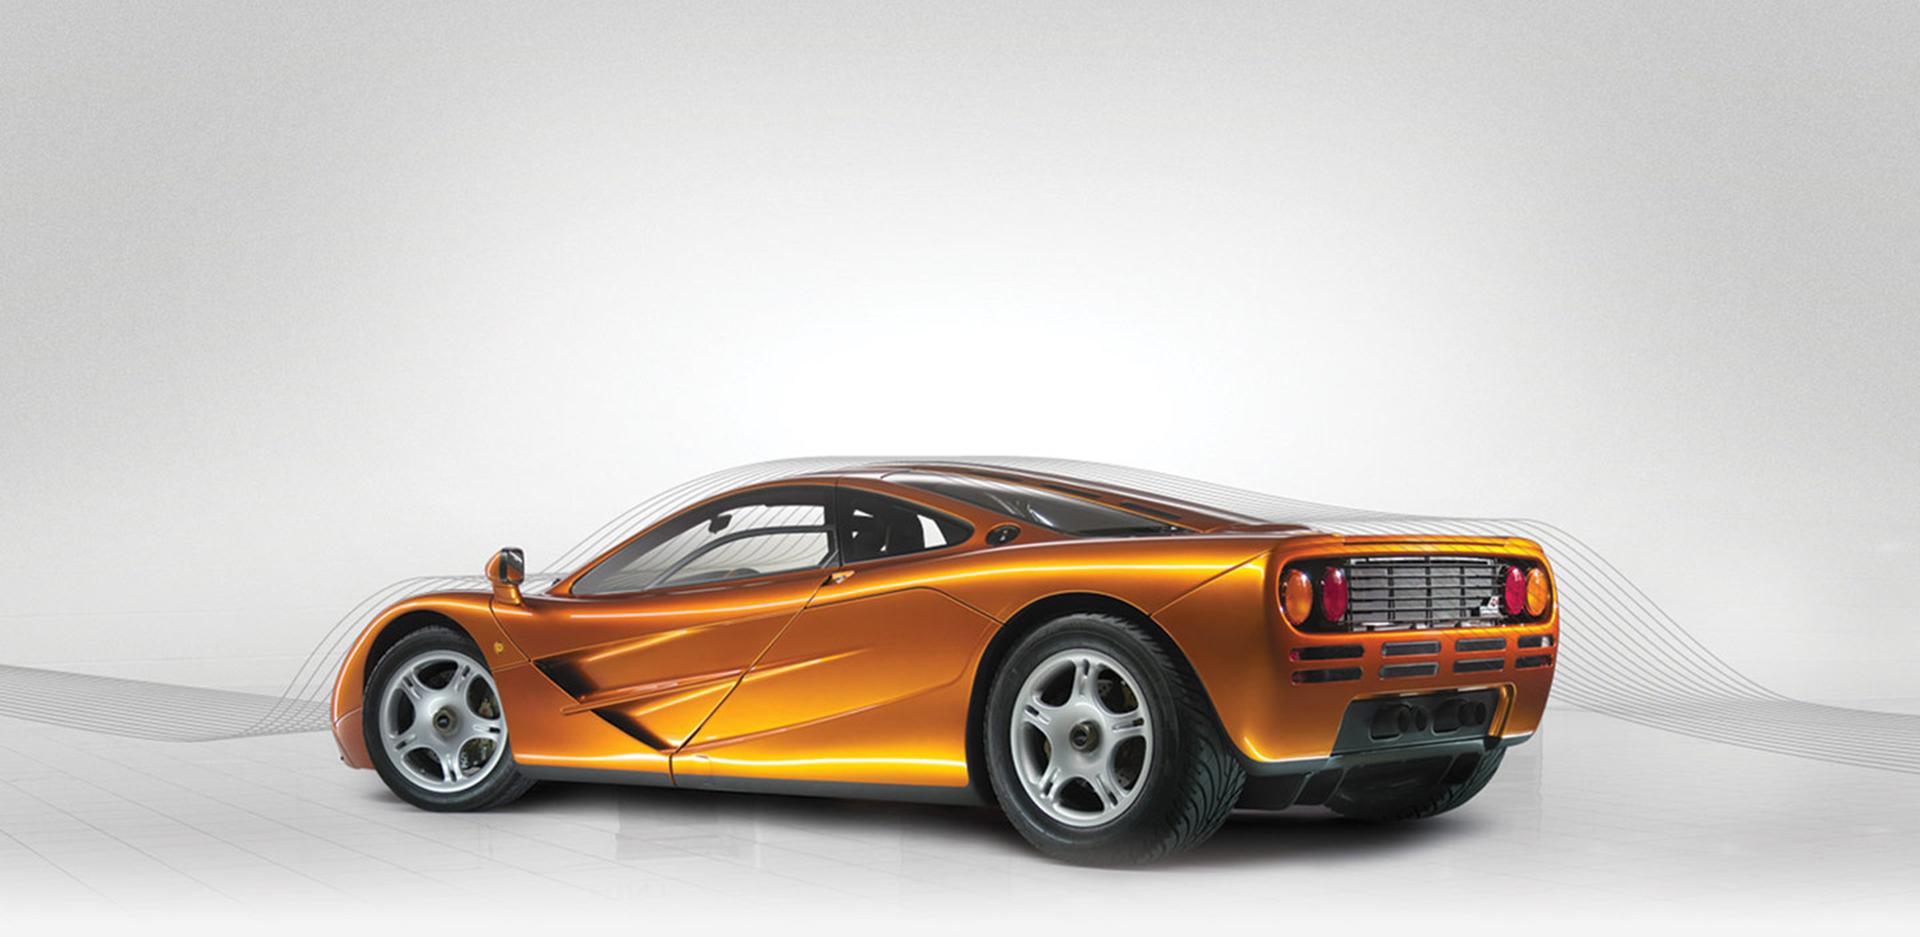 McLaren F1 - aerodynamic